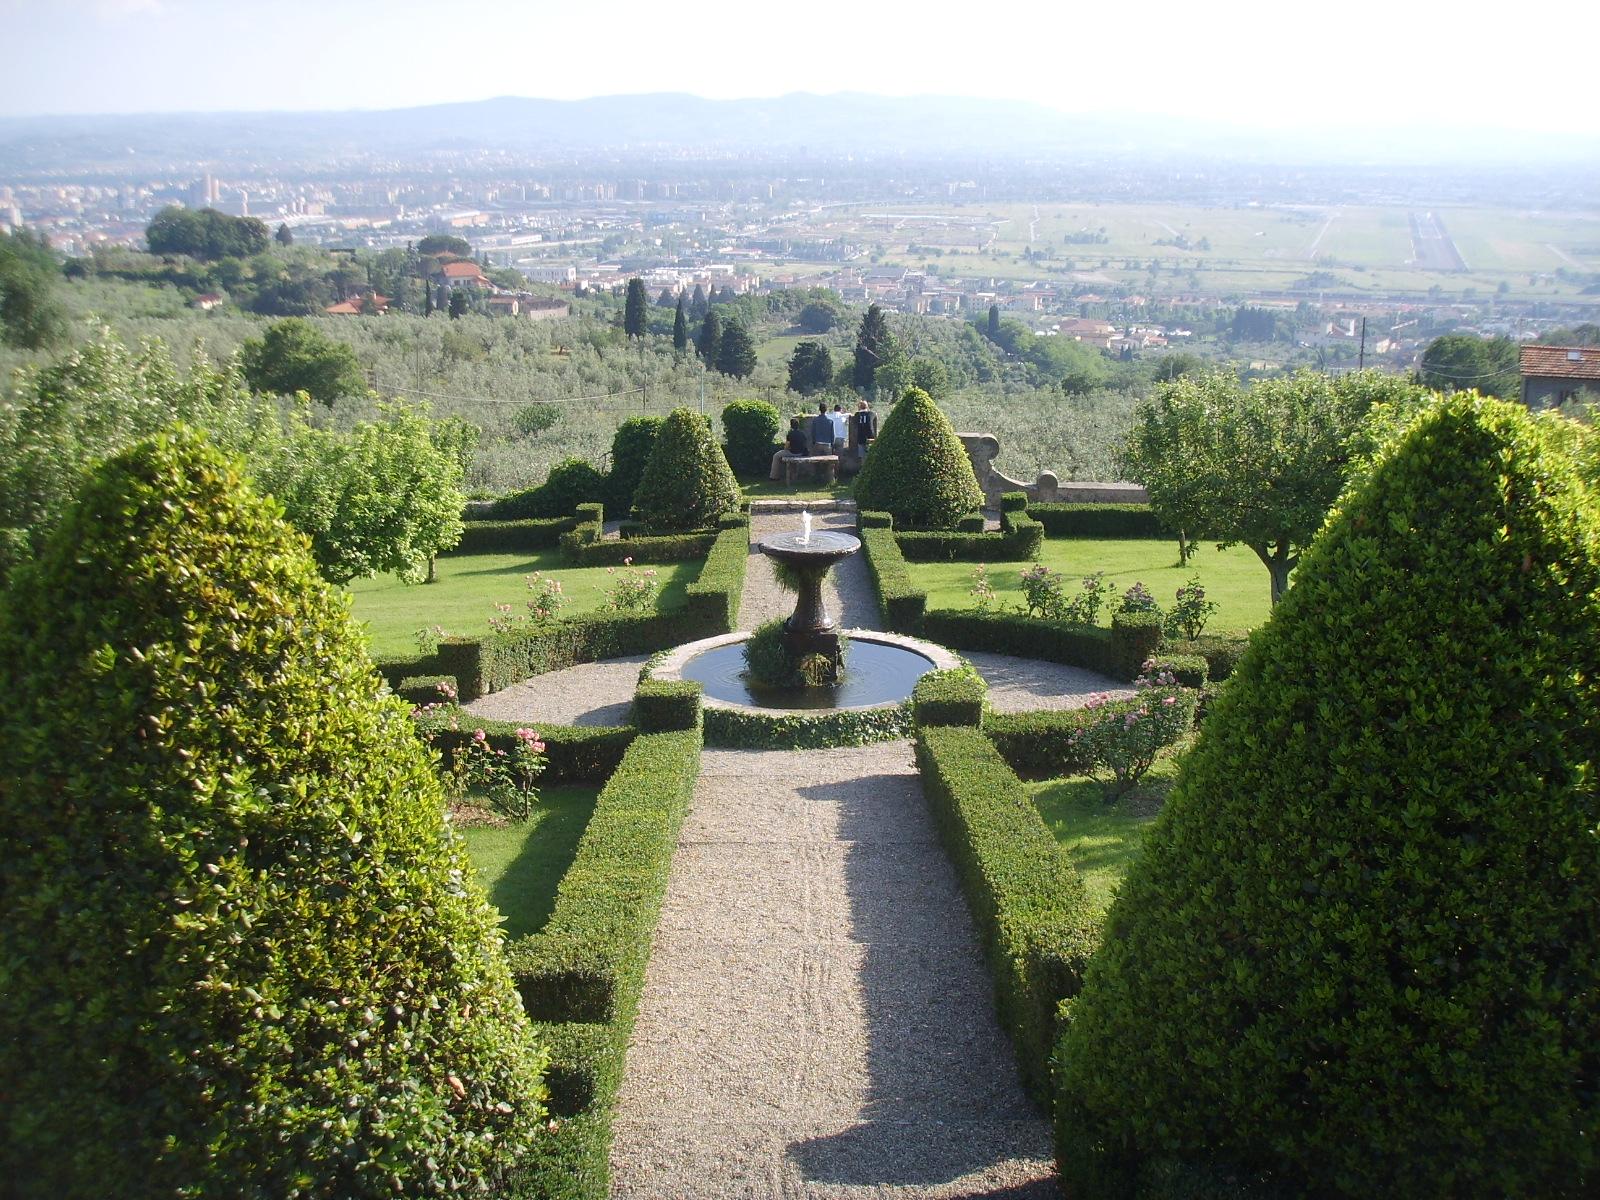 Sesto Fiorentino - Piccolo Mondo Vicino - Toscana Ovunque Bella